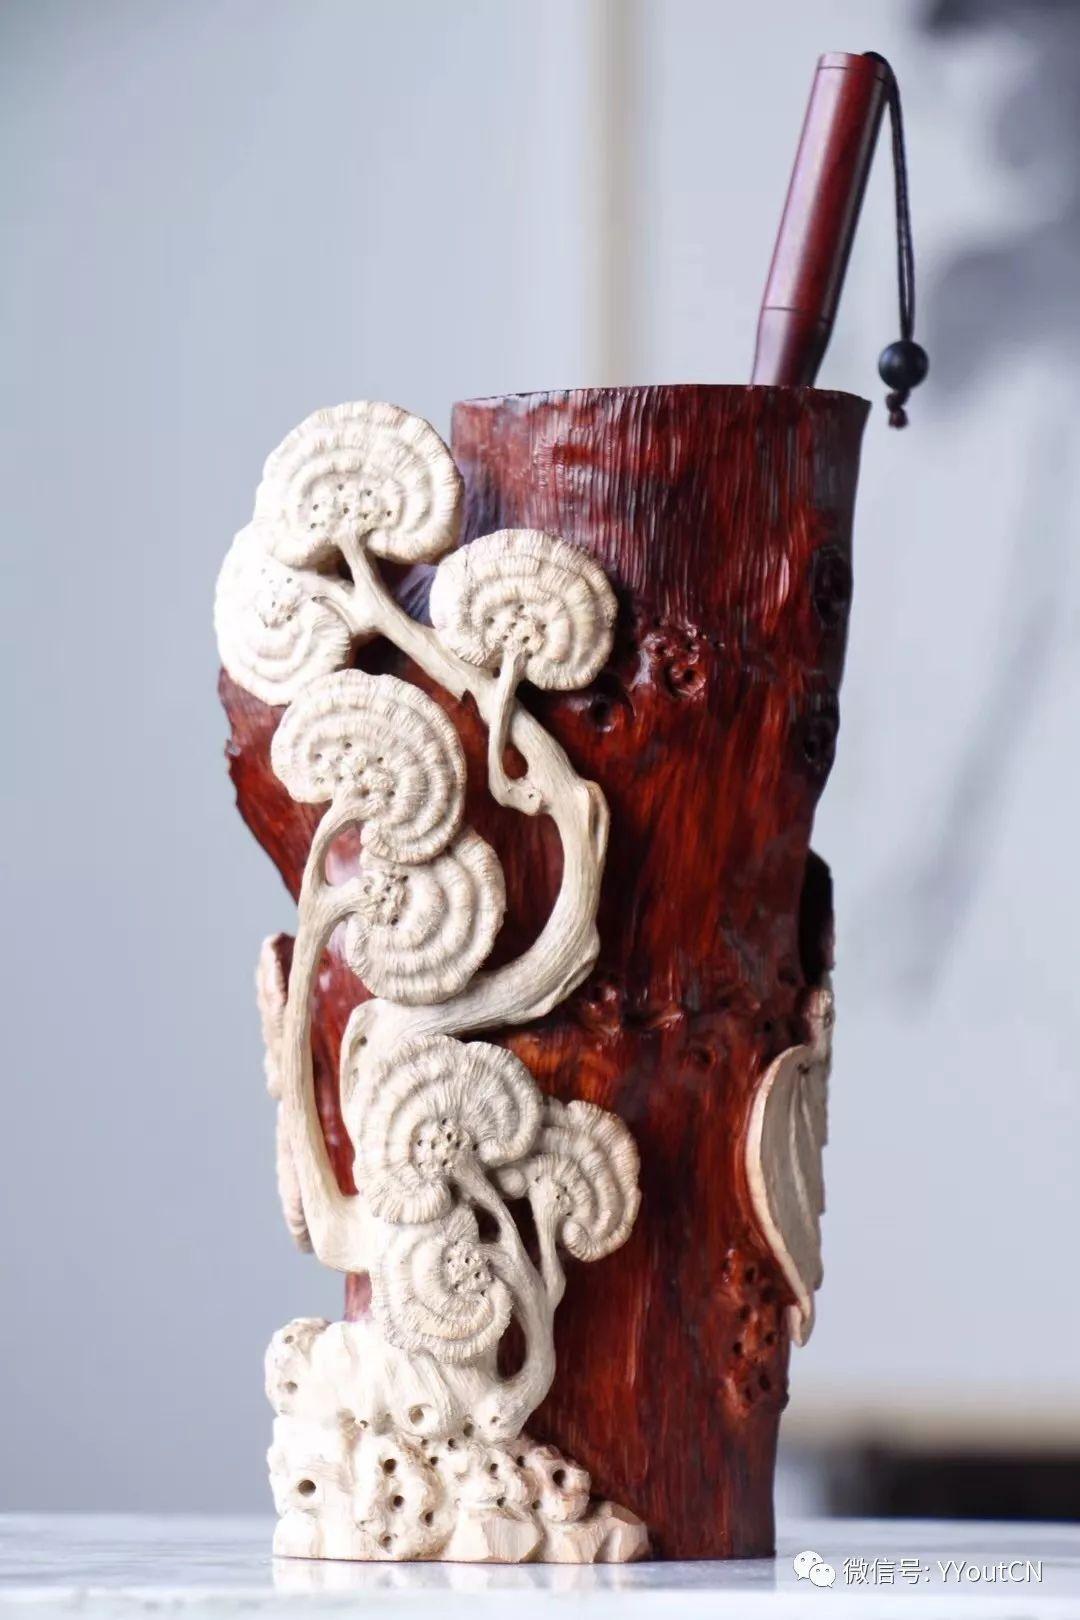 惊绝 纯手工木雕 笔筒汇 为正在雕刻笔筒的朋友提供欣赏与借鉴